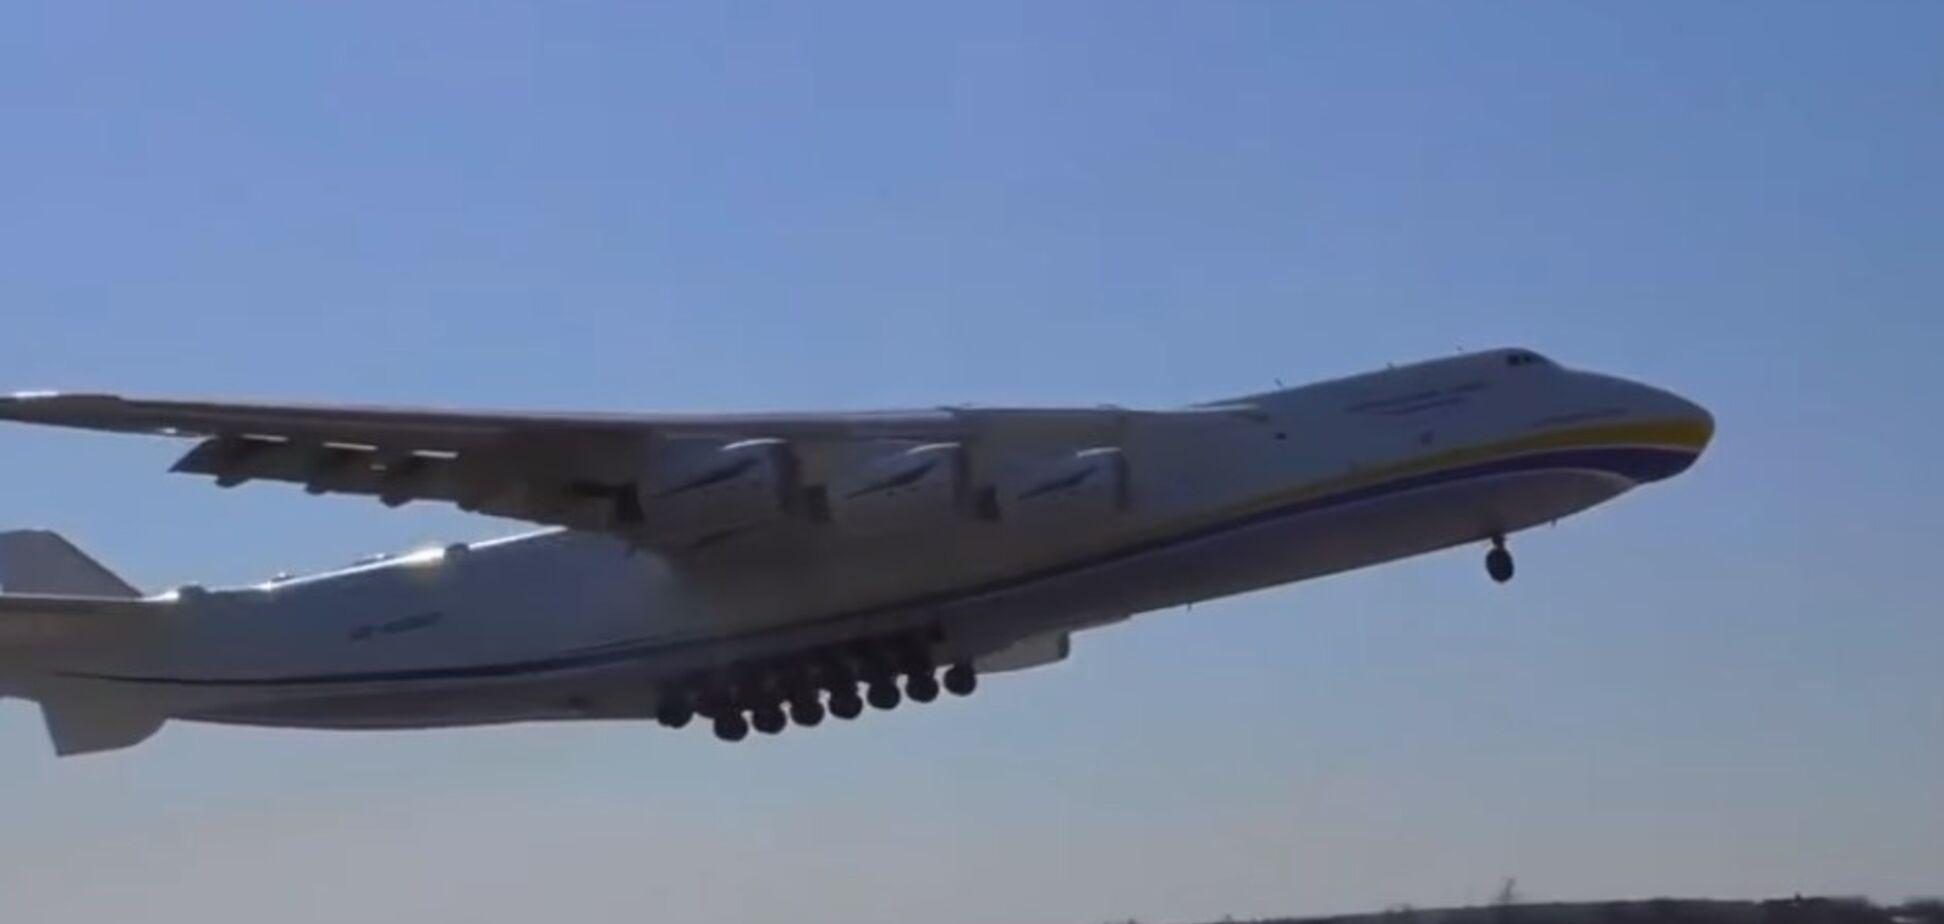 Модернизированный Ан-225 'Мрия' совершил испытательный полет. Видео